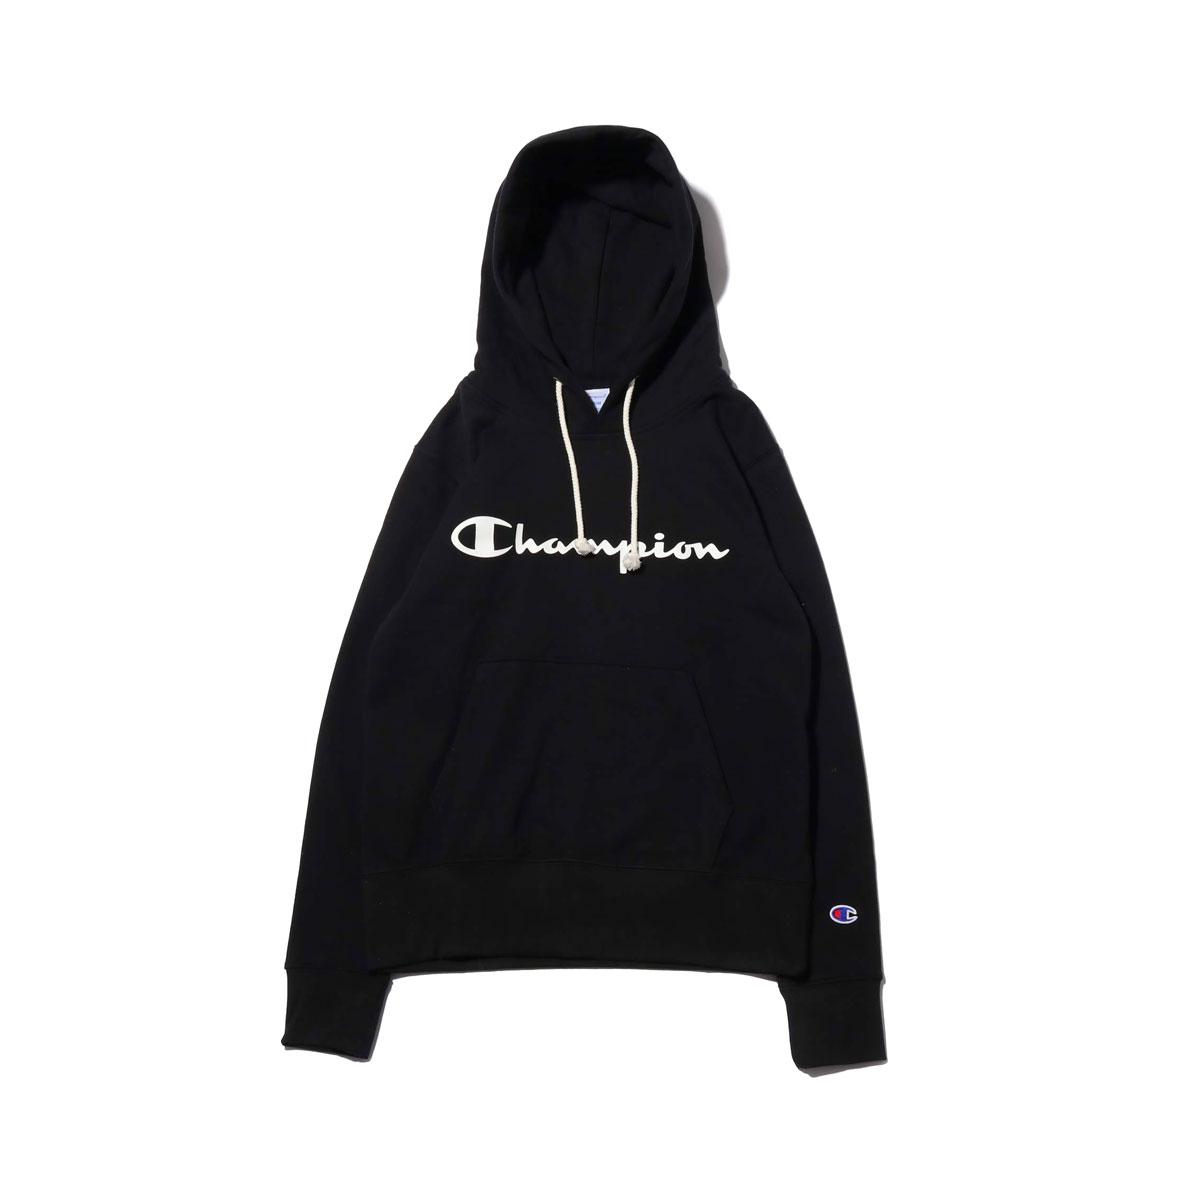 Champion HOODED SWEATSHIRT (チャンピオン フード スウェットシャツ)(BLACK)【レディース】【パーカー】【19SP-I】